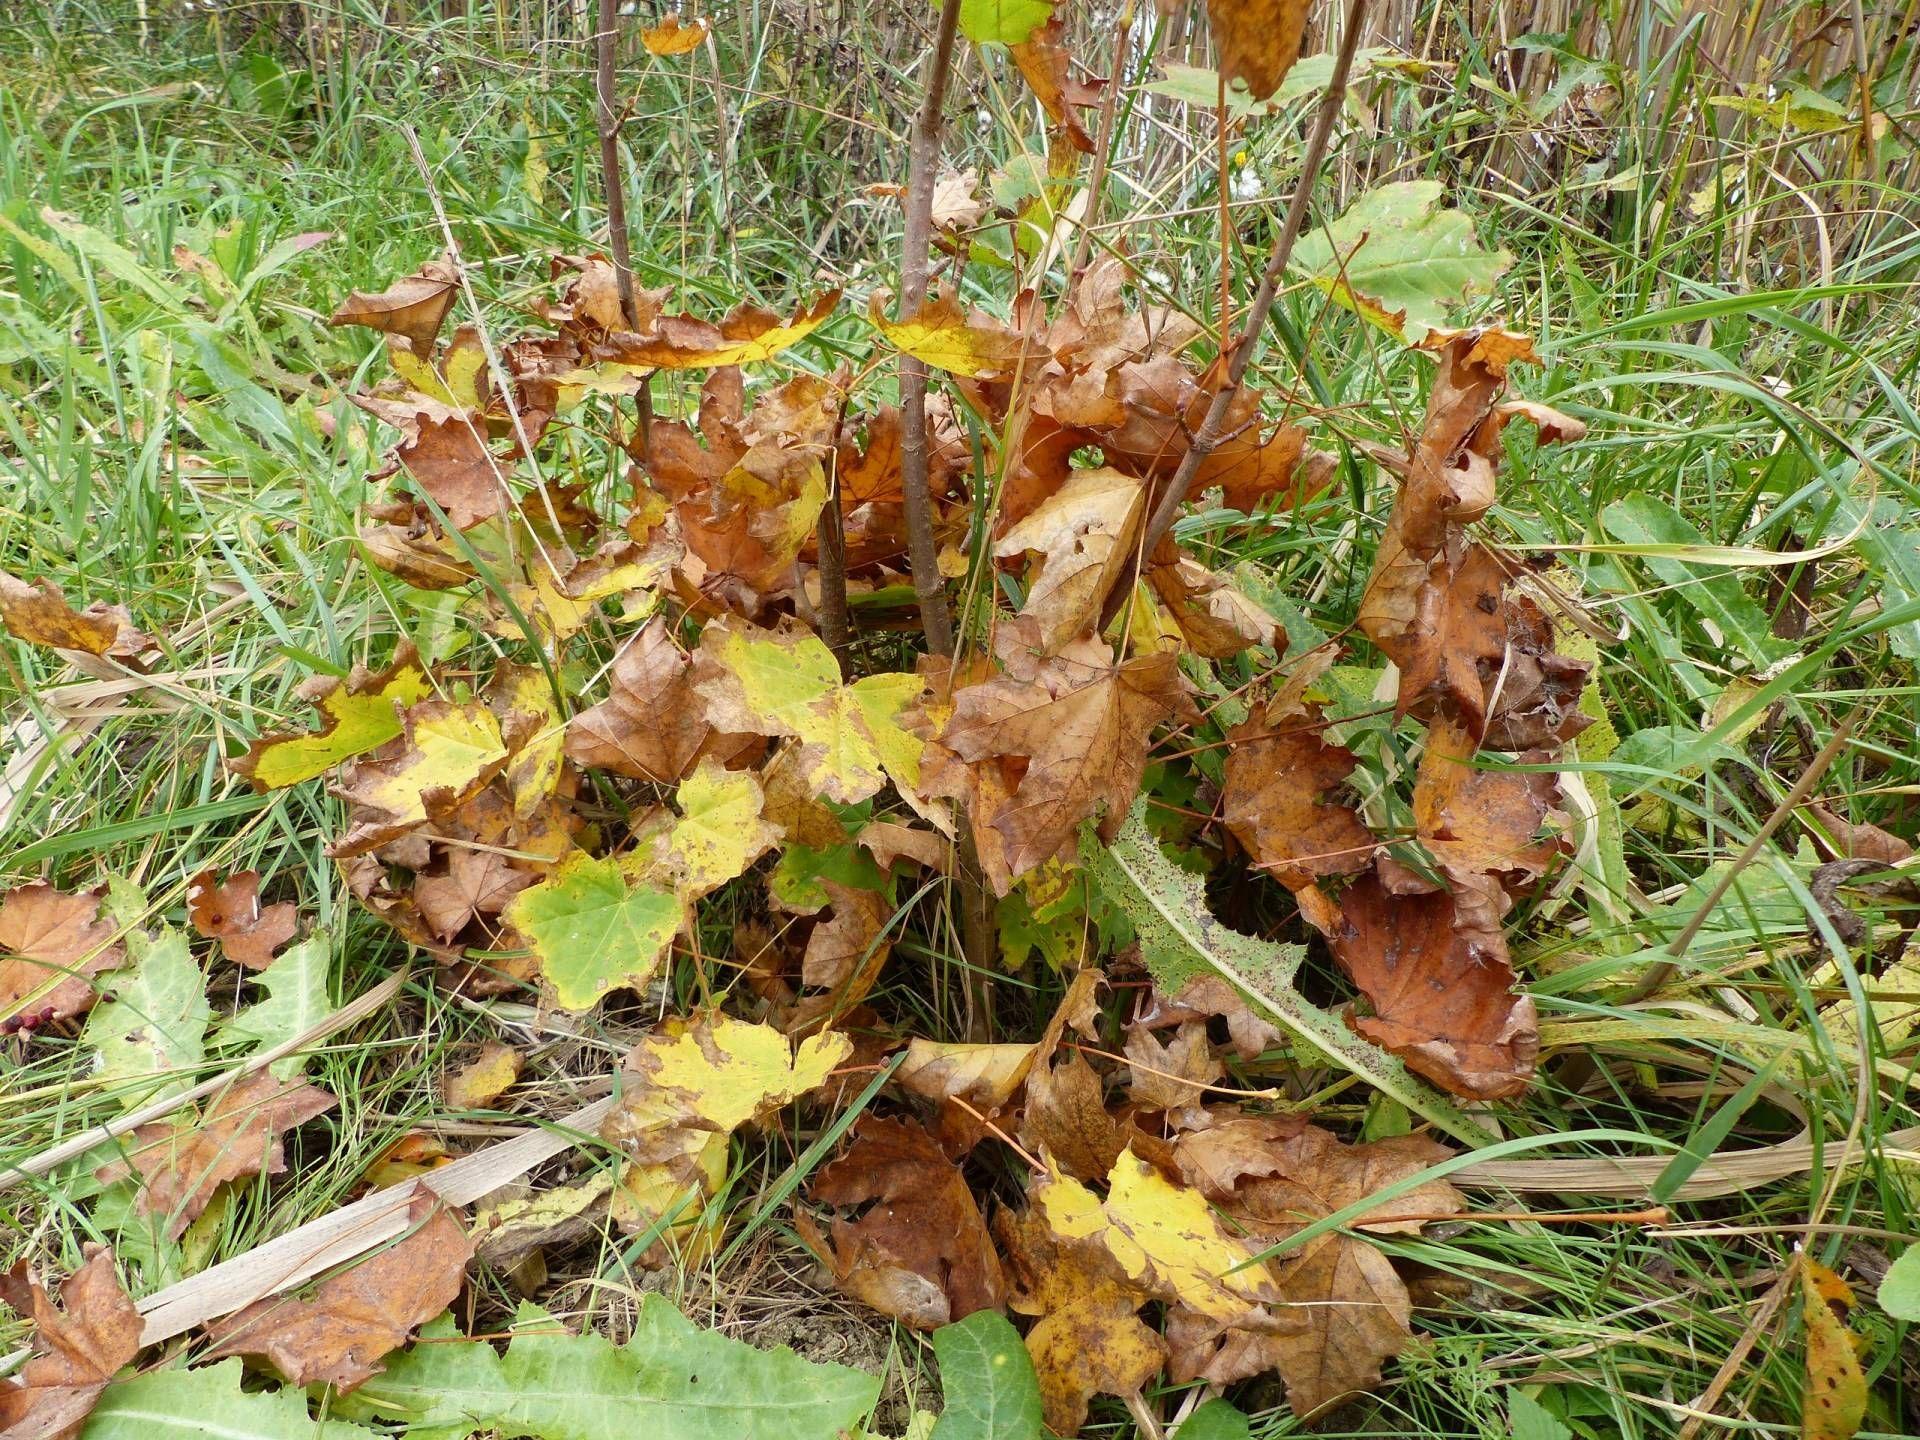 A késő ősz már beférkőzött a természet minden apró szegletébe